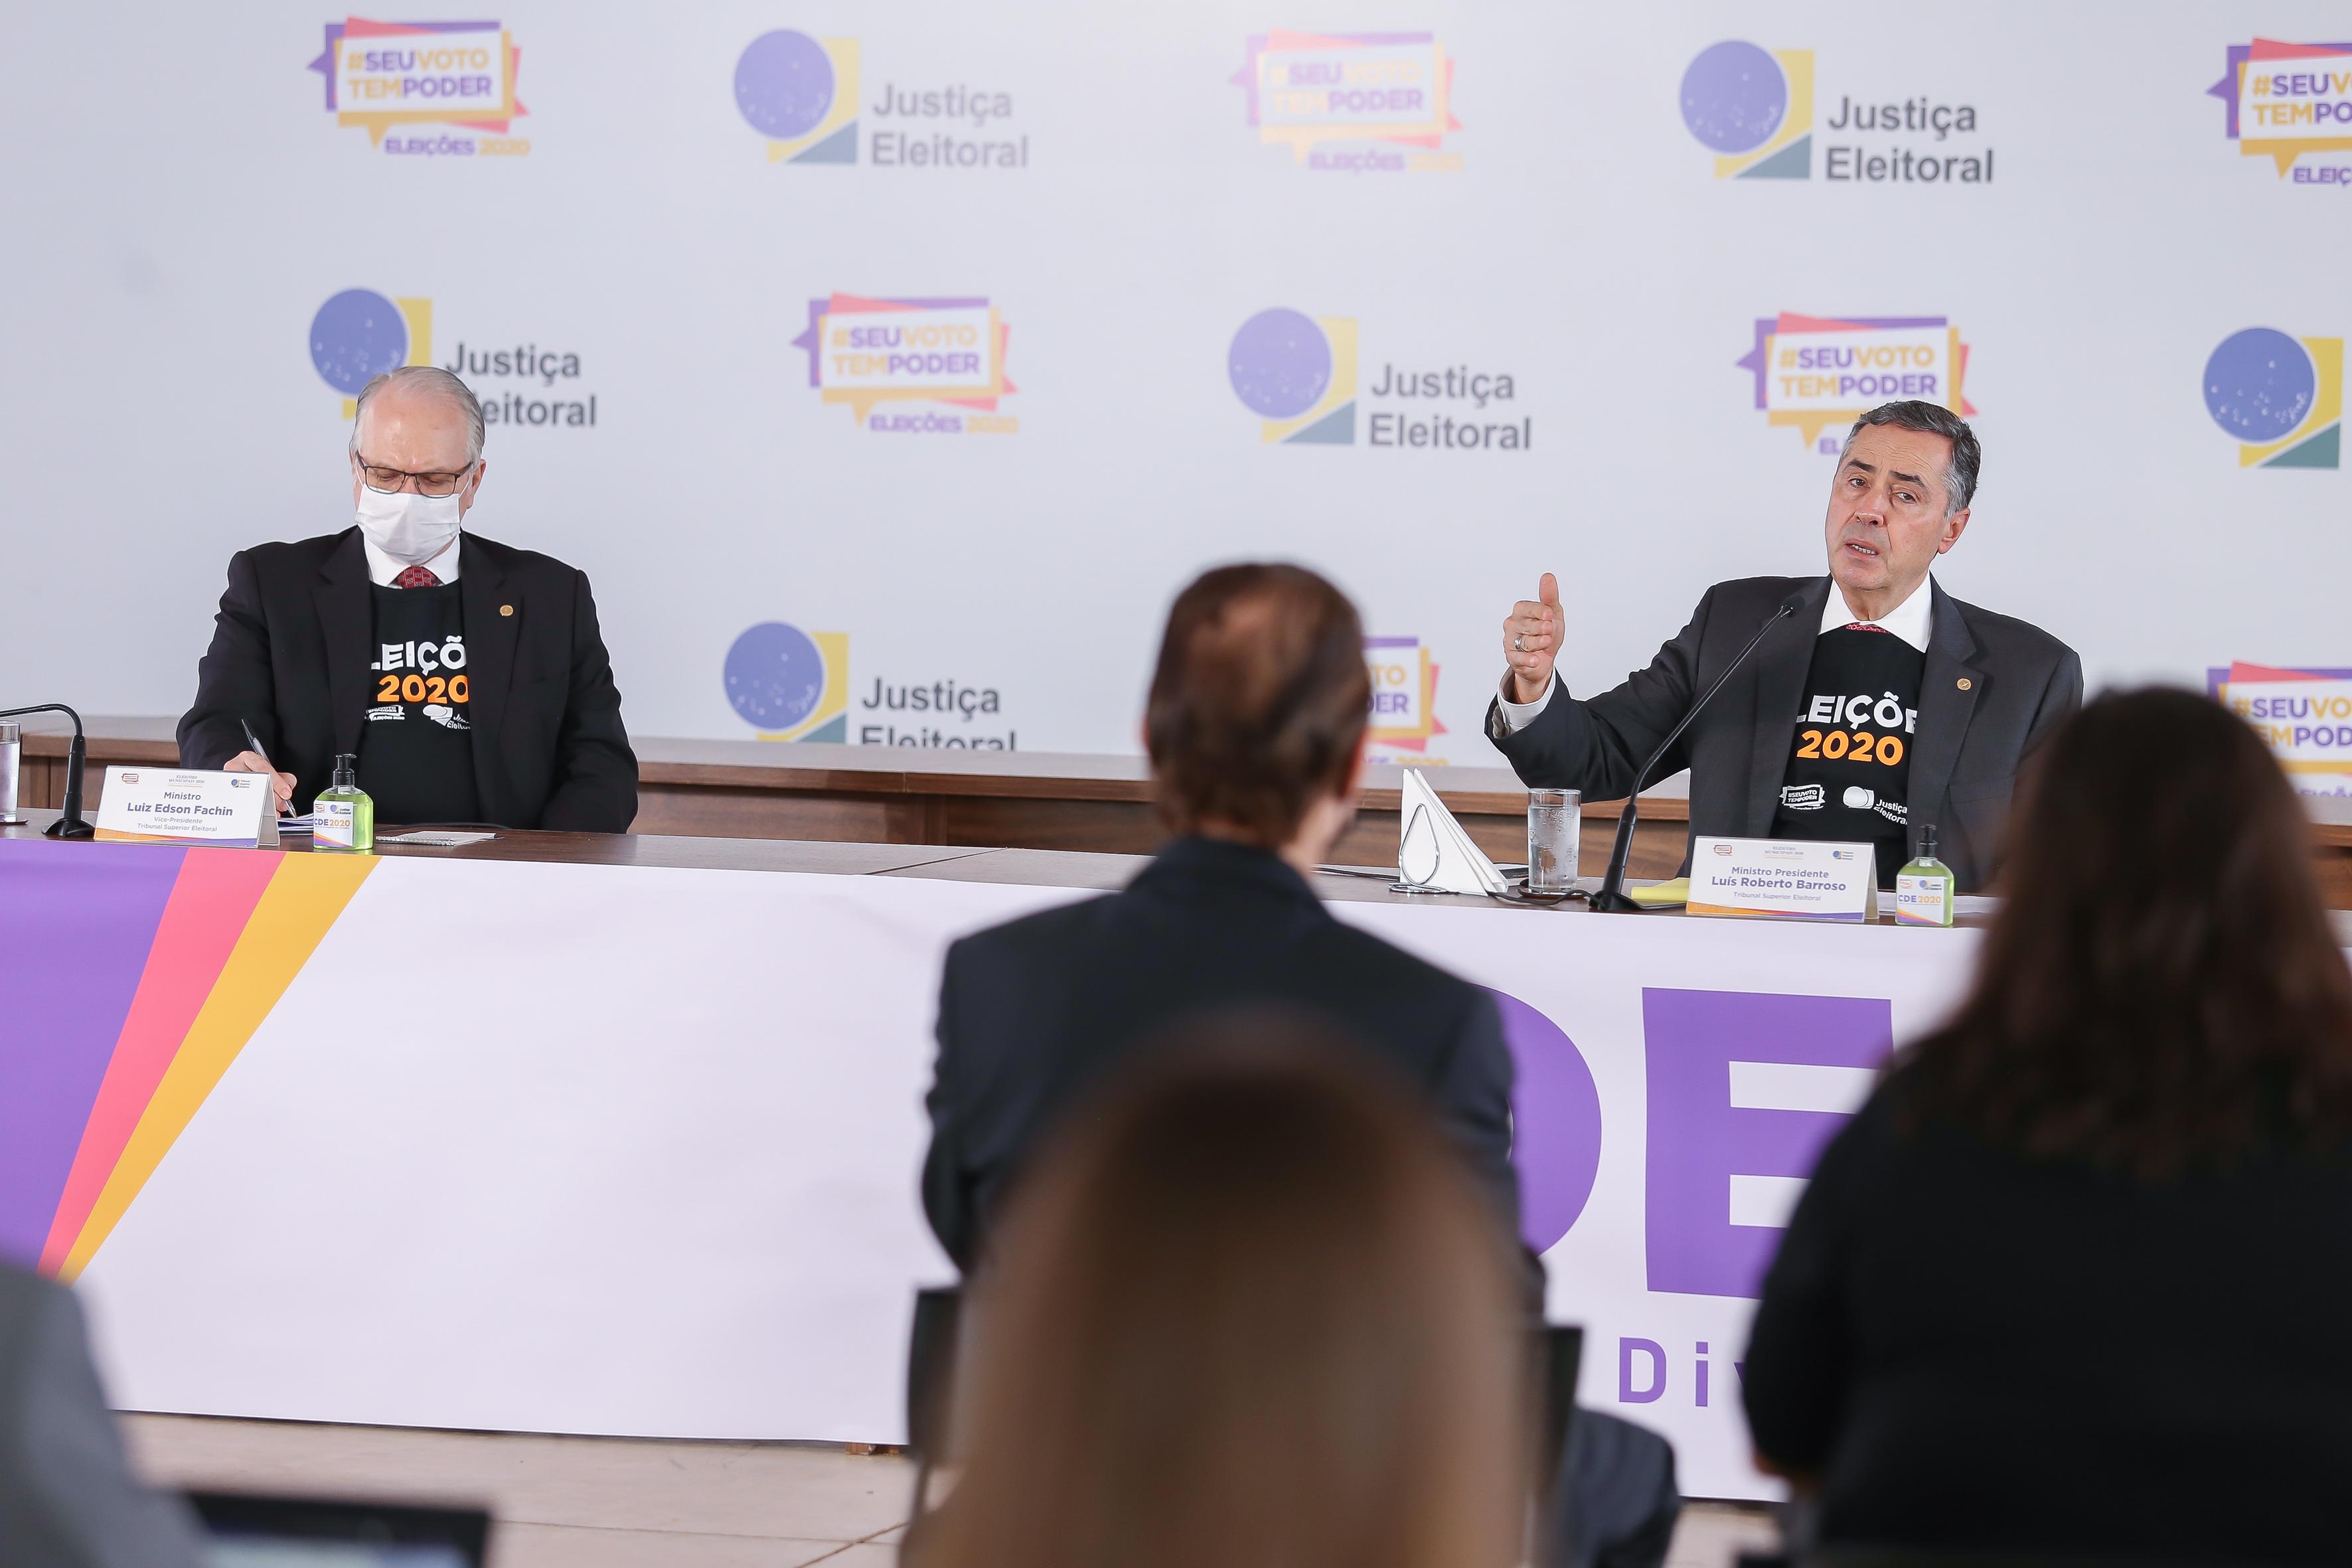 IMAGEM: Lentidão não traz 'risco à credibilidade do sistema', diz Barroso